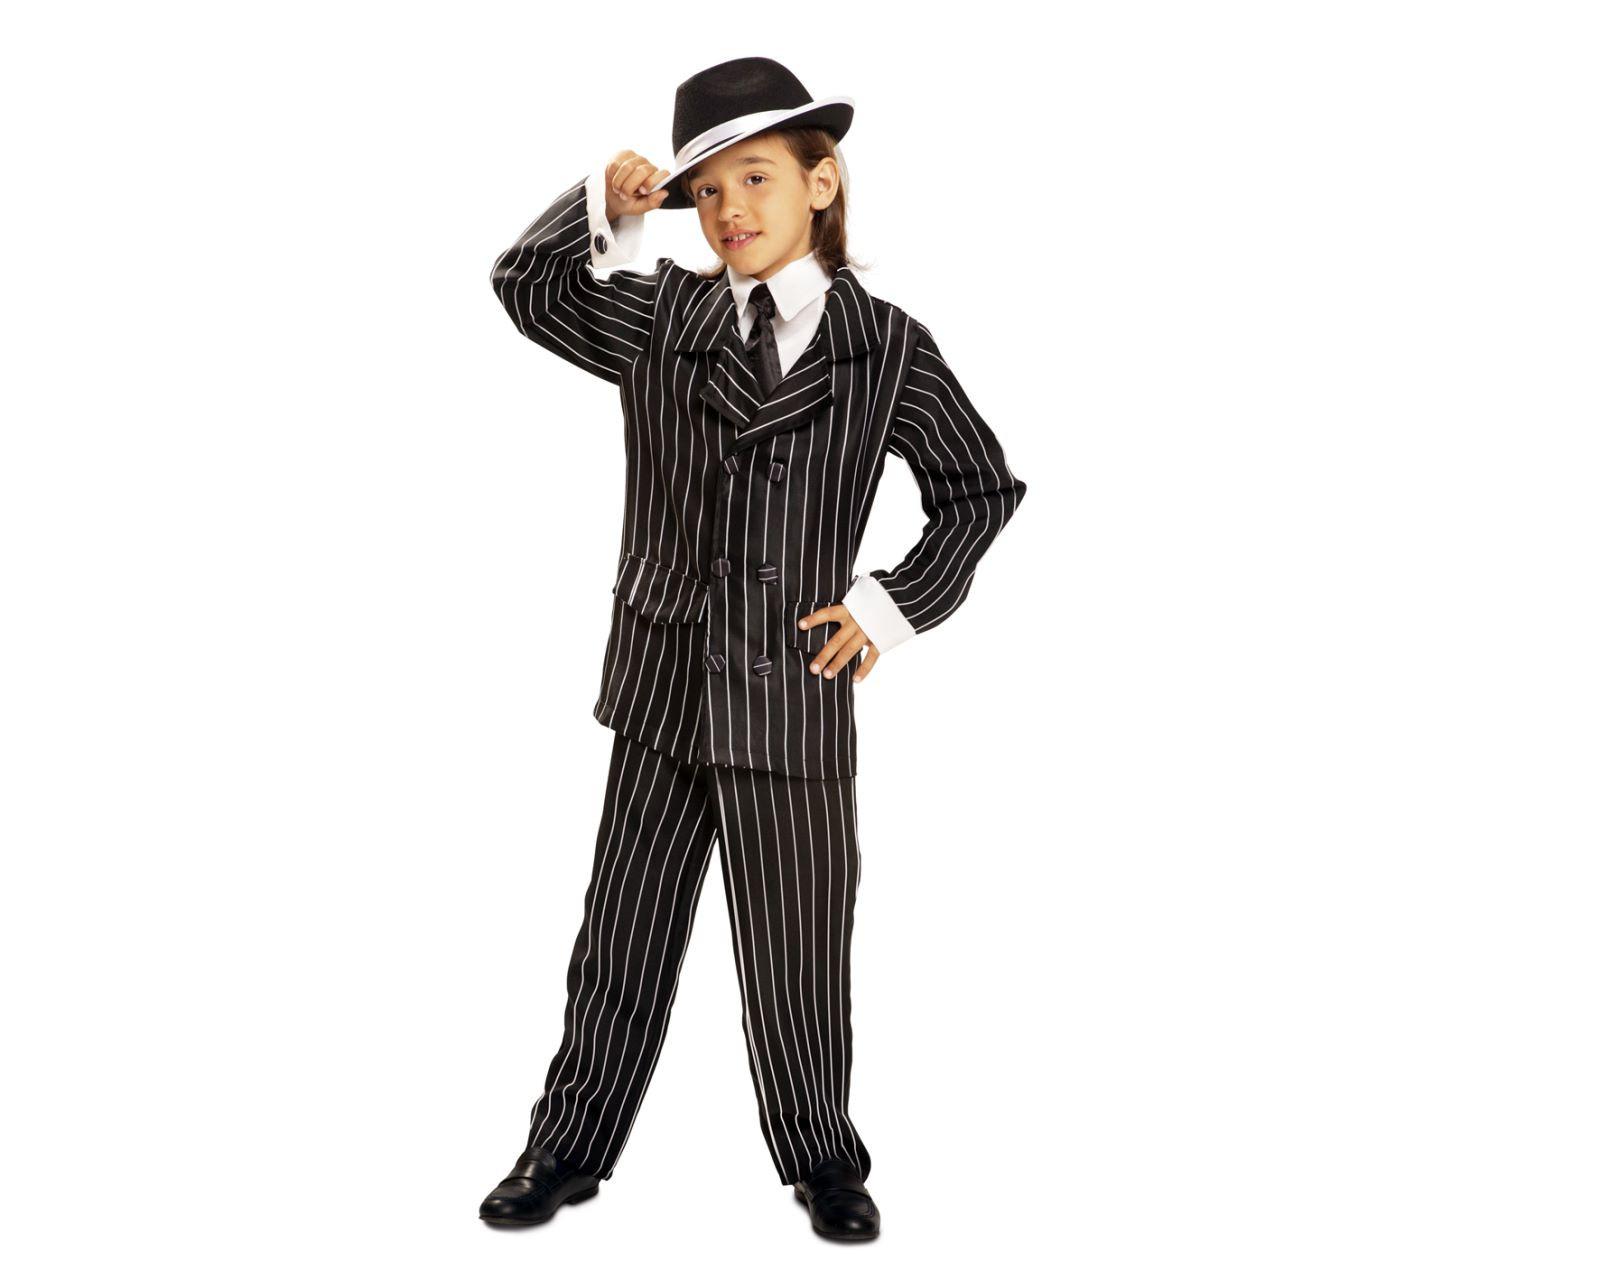 78c4ddad6 DISFRAZ DE GANSTER NIÑO - Disfraces para Niños - Tienda de disfraces ...